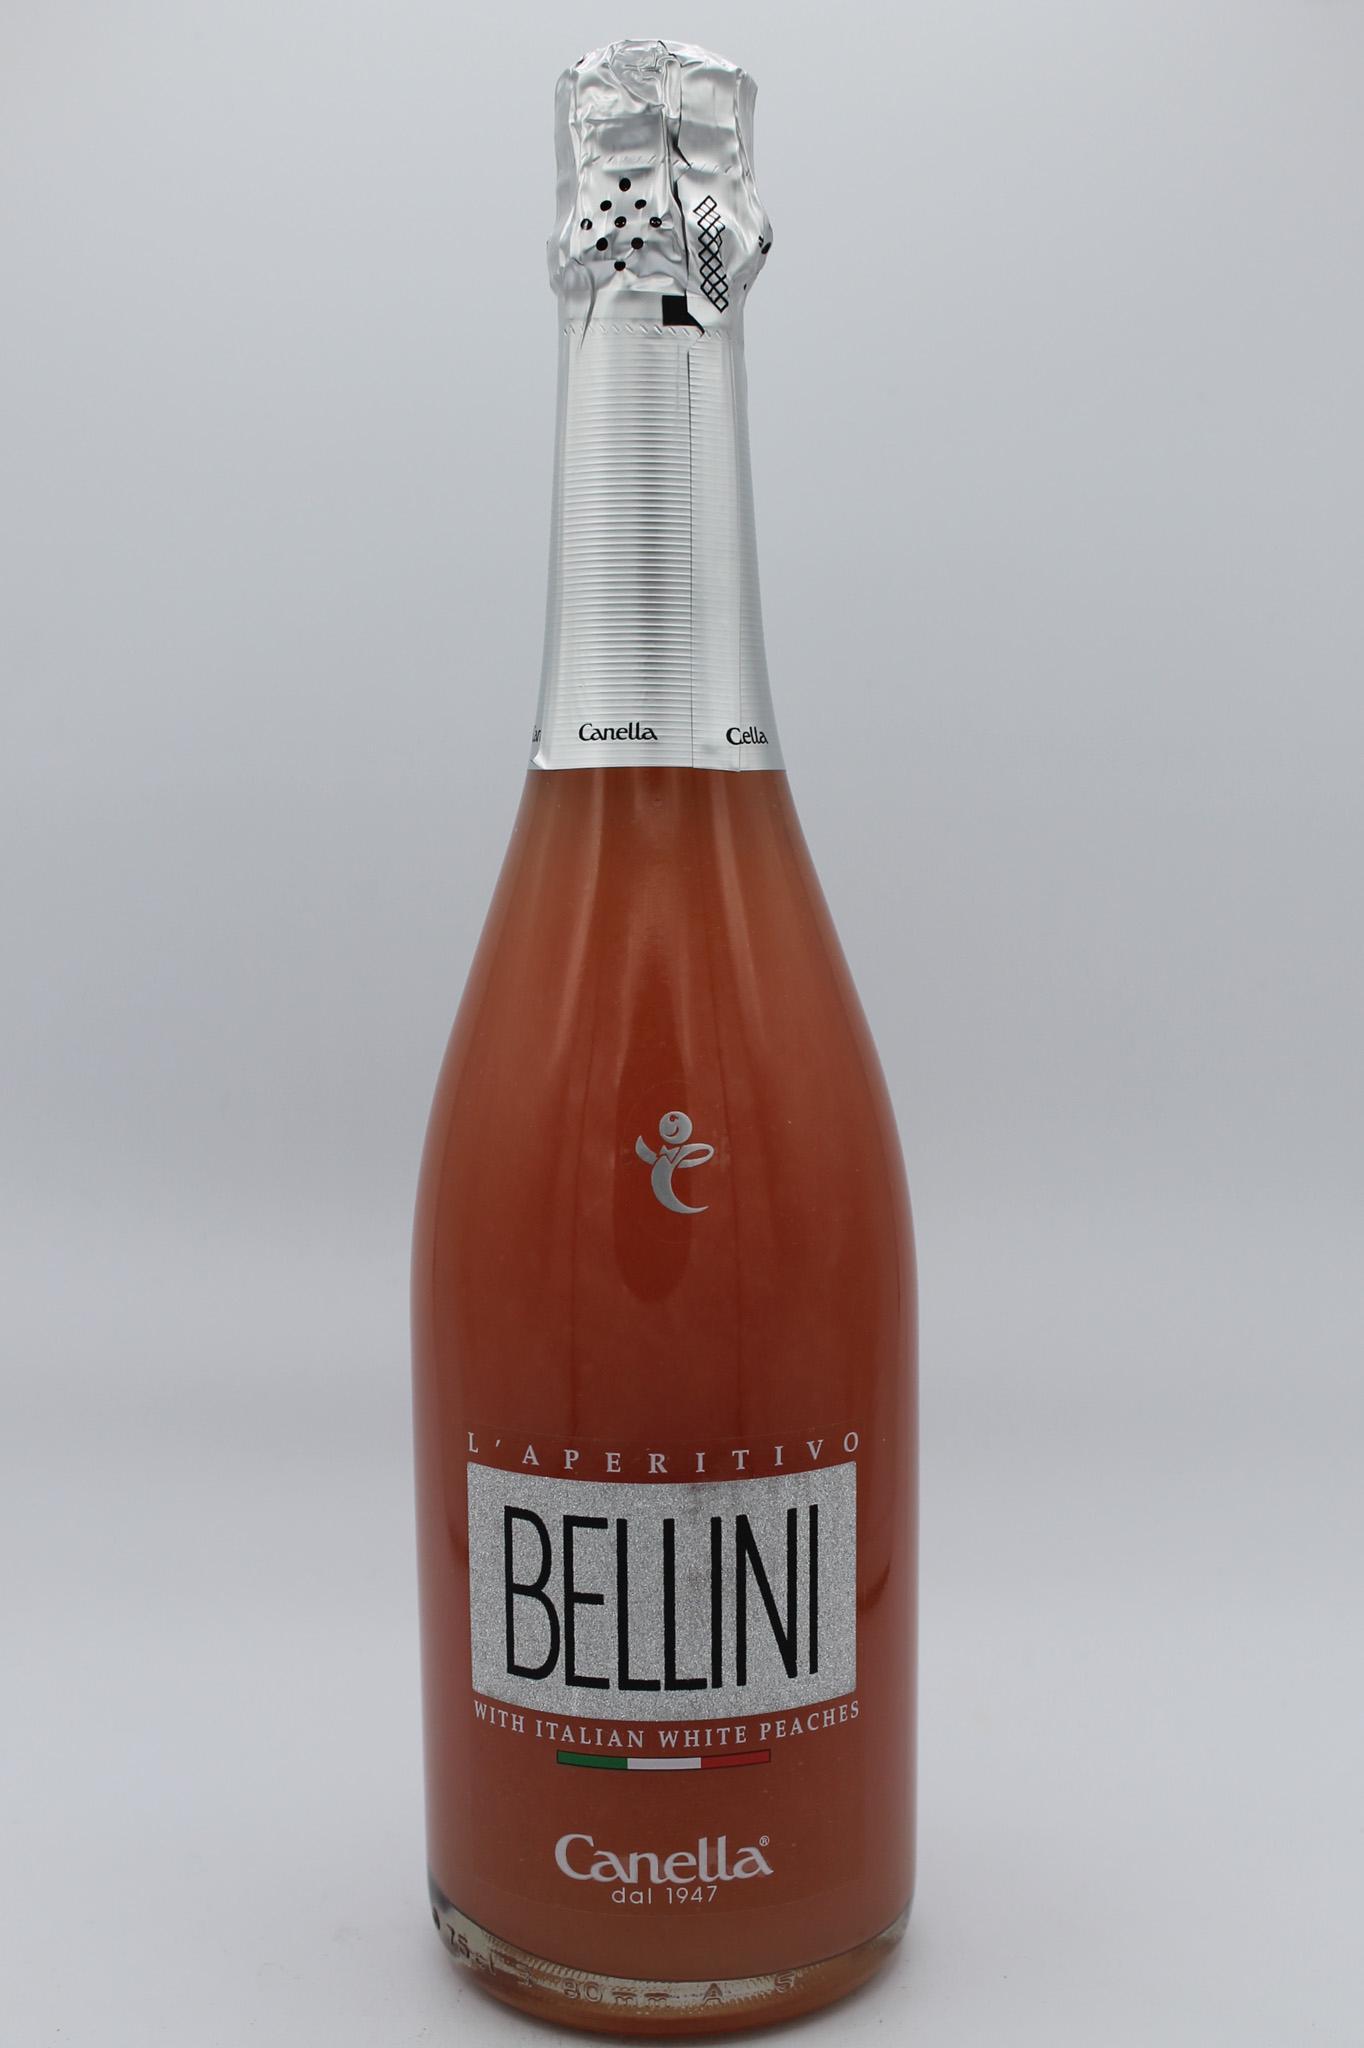 Canella cocktail bellini 750ml.